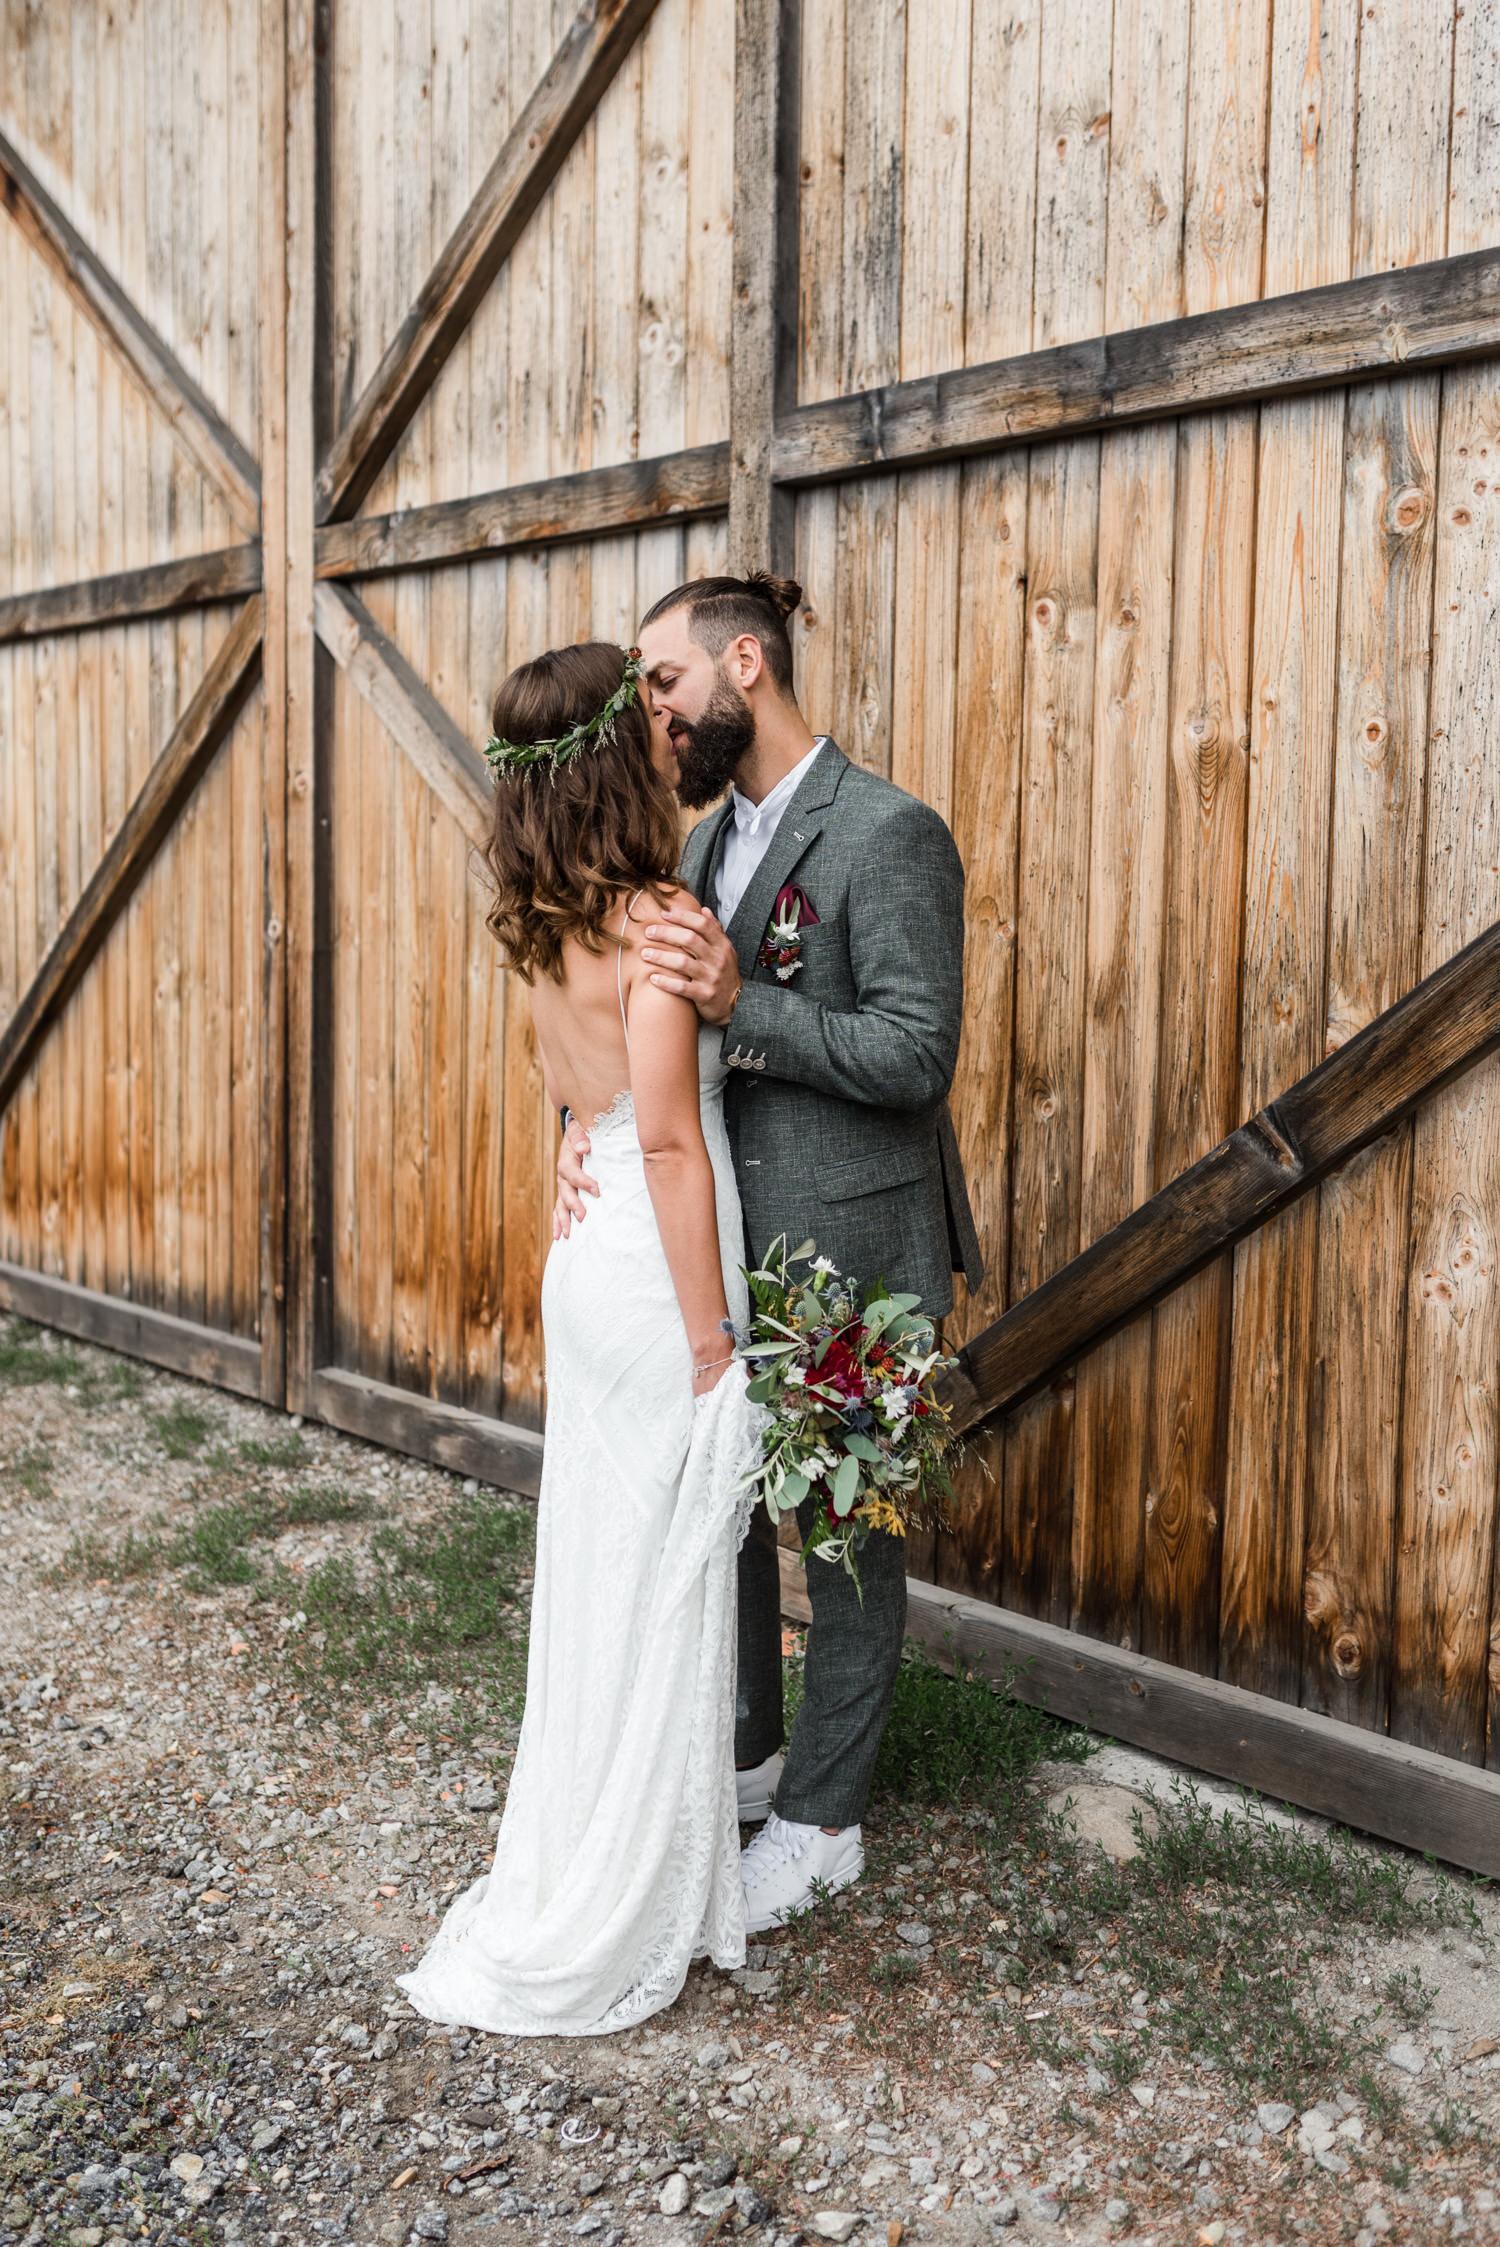 Natürliche Hochzeitsfotos, Paarfotos von Veronika Anna Fotografie, bayerischer Wald